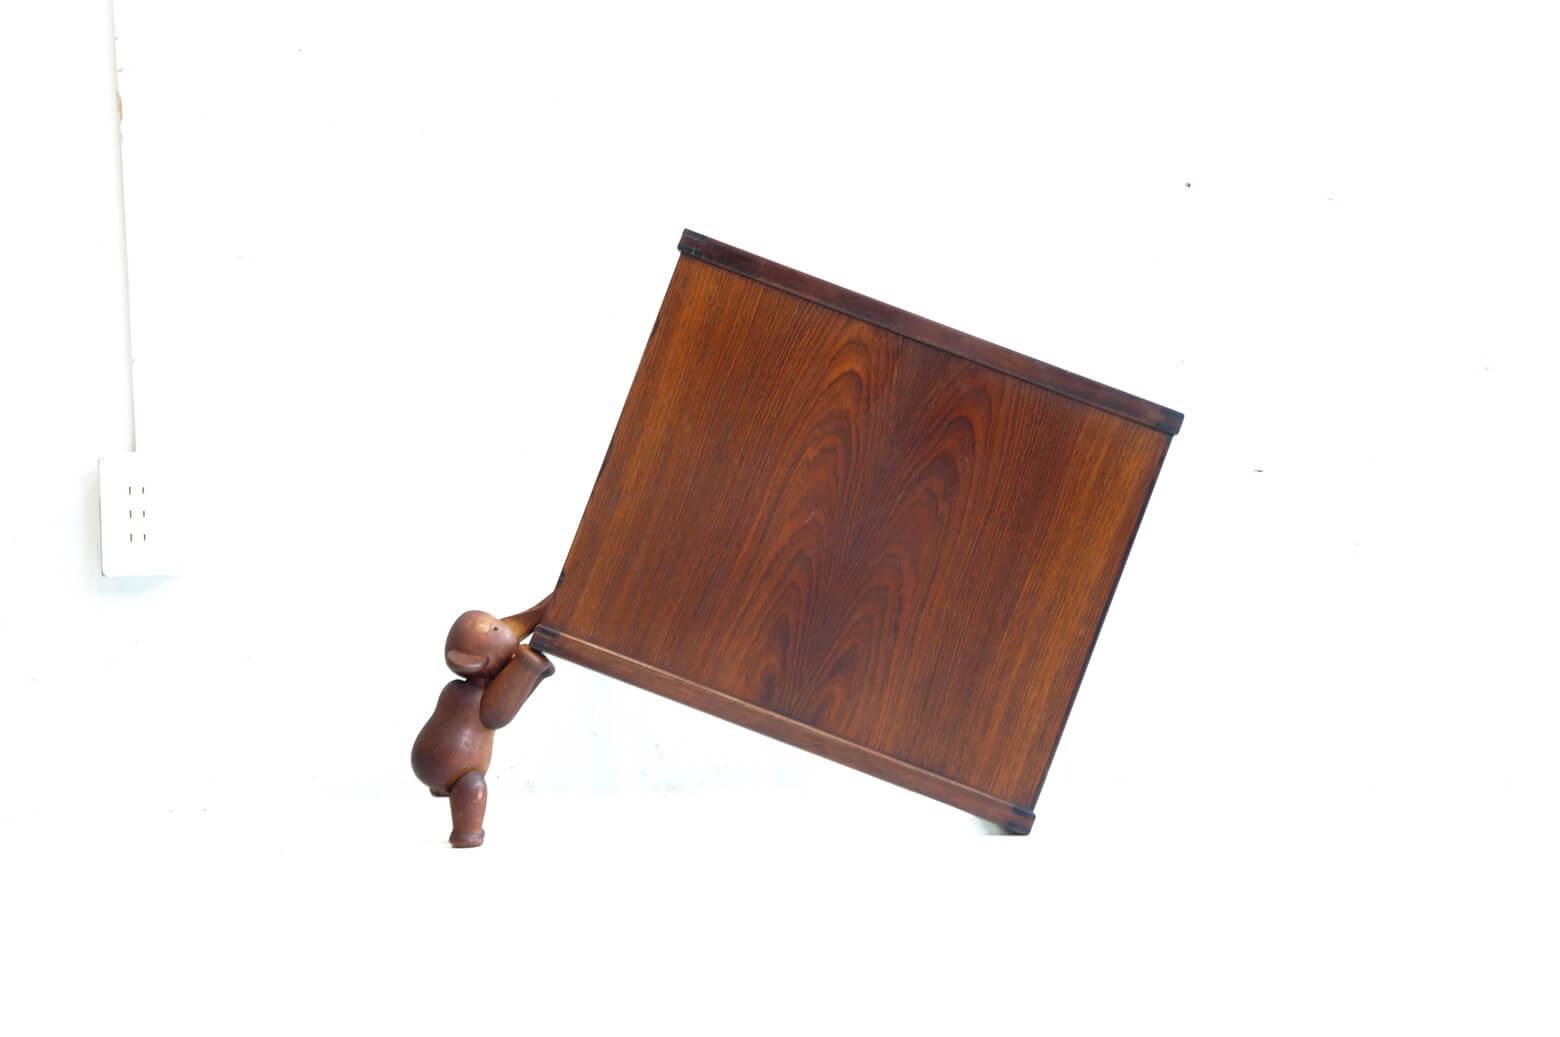 Vildbjerg Møbelfabrik Design by Kai Kristiansen Rose Wood Nesting Table One Piece / カイ クリスチャンセン デザイン ローズウッド ネストテーブル 【商品説明】 カイ クリスチャンセンが設計し Vildbjerg Møbelfabrik社より1950年代に発売された ネストテーブルが入荷致しました。 残念ながら、セットではなく 一番小さなサイズのみの入荷となってしまいましたが 現在では、伐採が制限されており素材として希少価値の高いローズウッドの美しい木目に デンマークミッドセンチュリー家具の代表的存在のカイ クリスチャンセンの特徴ともいえる 実用的でスタンダードな美しさを持つデザインで こちらのお品物一つだけでも十分にインテリアのアクセントとなり 空間をより豊かに演出してくれます。 究極まで機能性を追求して生み出されたシンプルデザインですので サイドテーブル、シェルフ等様々なシチュエーションで ご使用頂けるかと思います。 是非この機会にいかがでしょうか。 中古,東京都,杉並区,阿佐ヶ谷,北,アンティーク,ショップ,古一,店,古,一,出張,無料,買取,杉並区,周辺,世田谷区,目黒区,武蔵野市,新宿区,東京近郊,お見積もり,ビンテージ家具,インテリア雑貨,ランプ,USED品, リサイクル,ふるいち,フルイチ,古一,used,furuichi~【東京都杉並区阿佐ヶ谷北アンティークショップ 古一】 古一/ふるいちでは出張無料買取も行っております。杉並区周辺はもちろん、世田谷区・目黒区・武蔵野市・新宿区等の東京近郊のお見積もりも!ビンテージ家具・インテリア雑貨・ランプ・USED品・ リサイクルなら古一/フルイチへ~